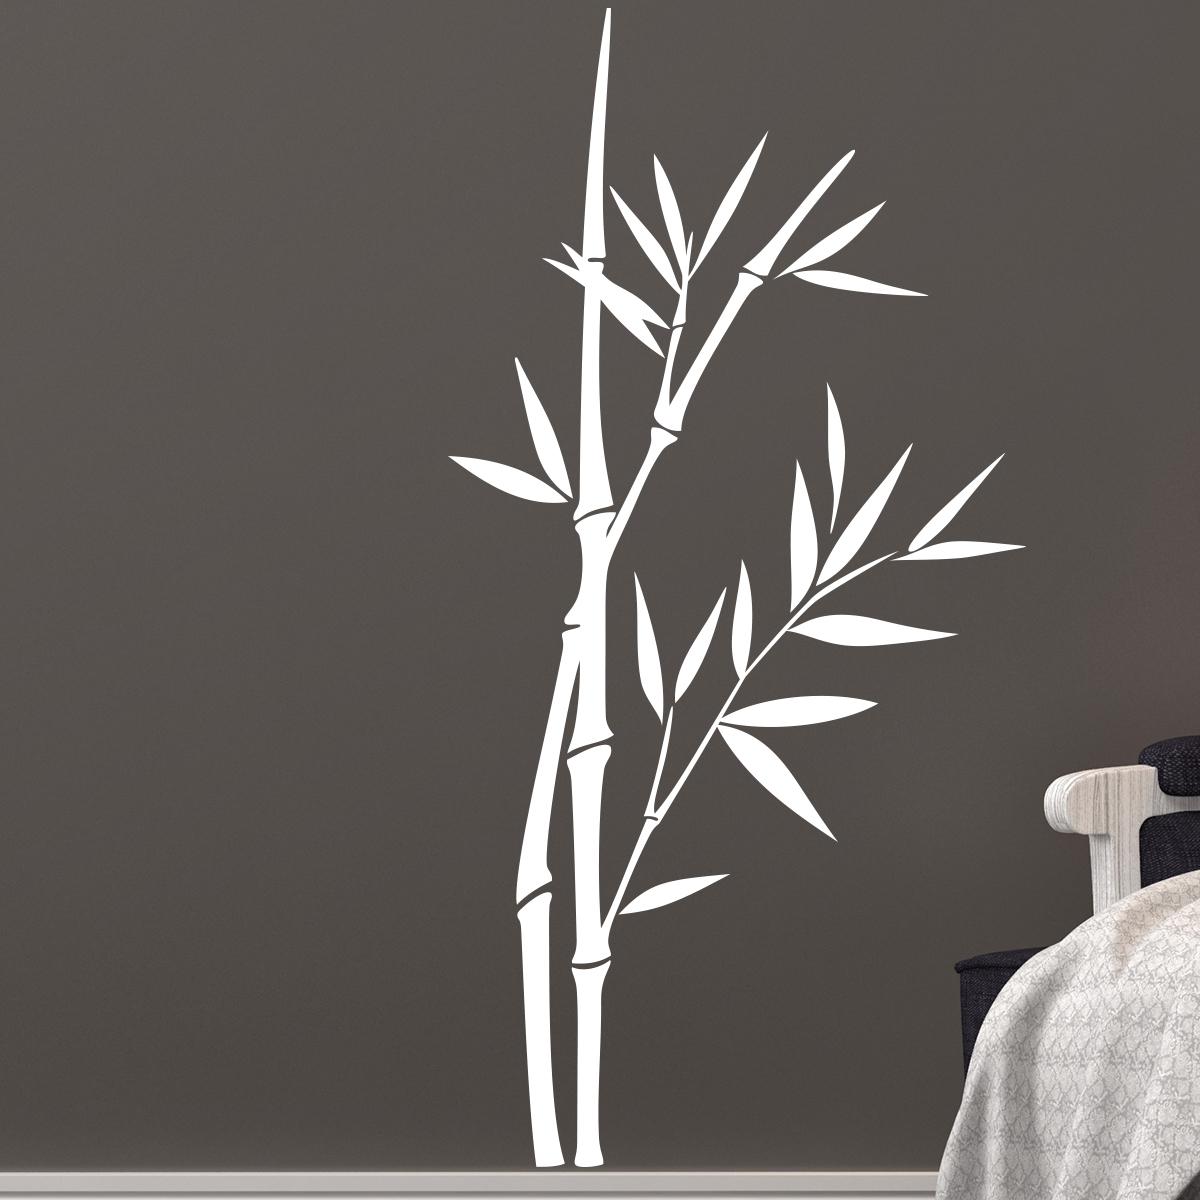 Sticker Tiges De Bambous Crois Es Stickers Nature Feuilles